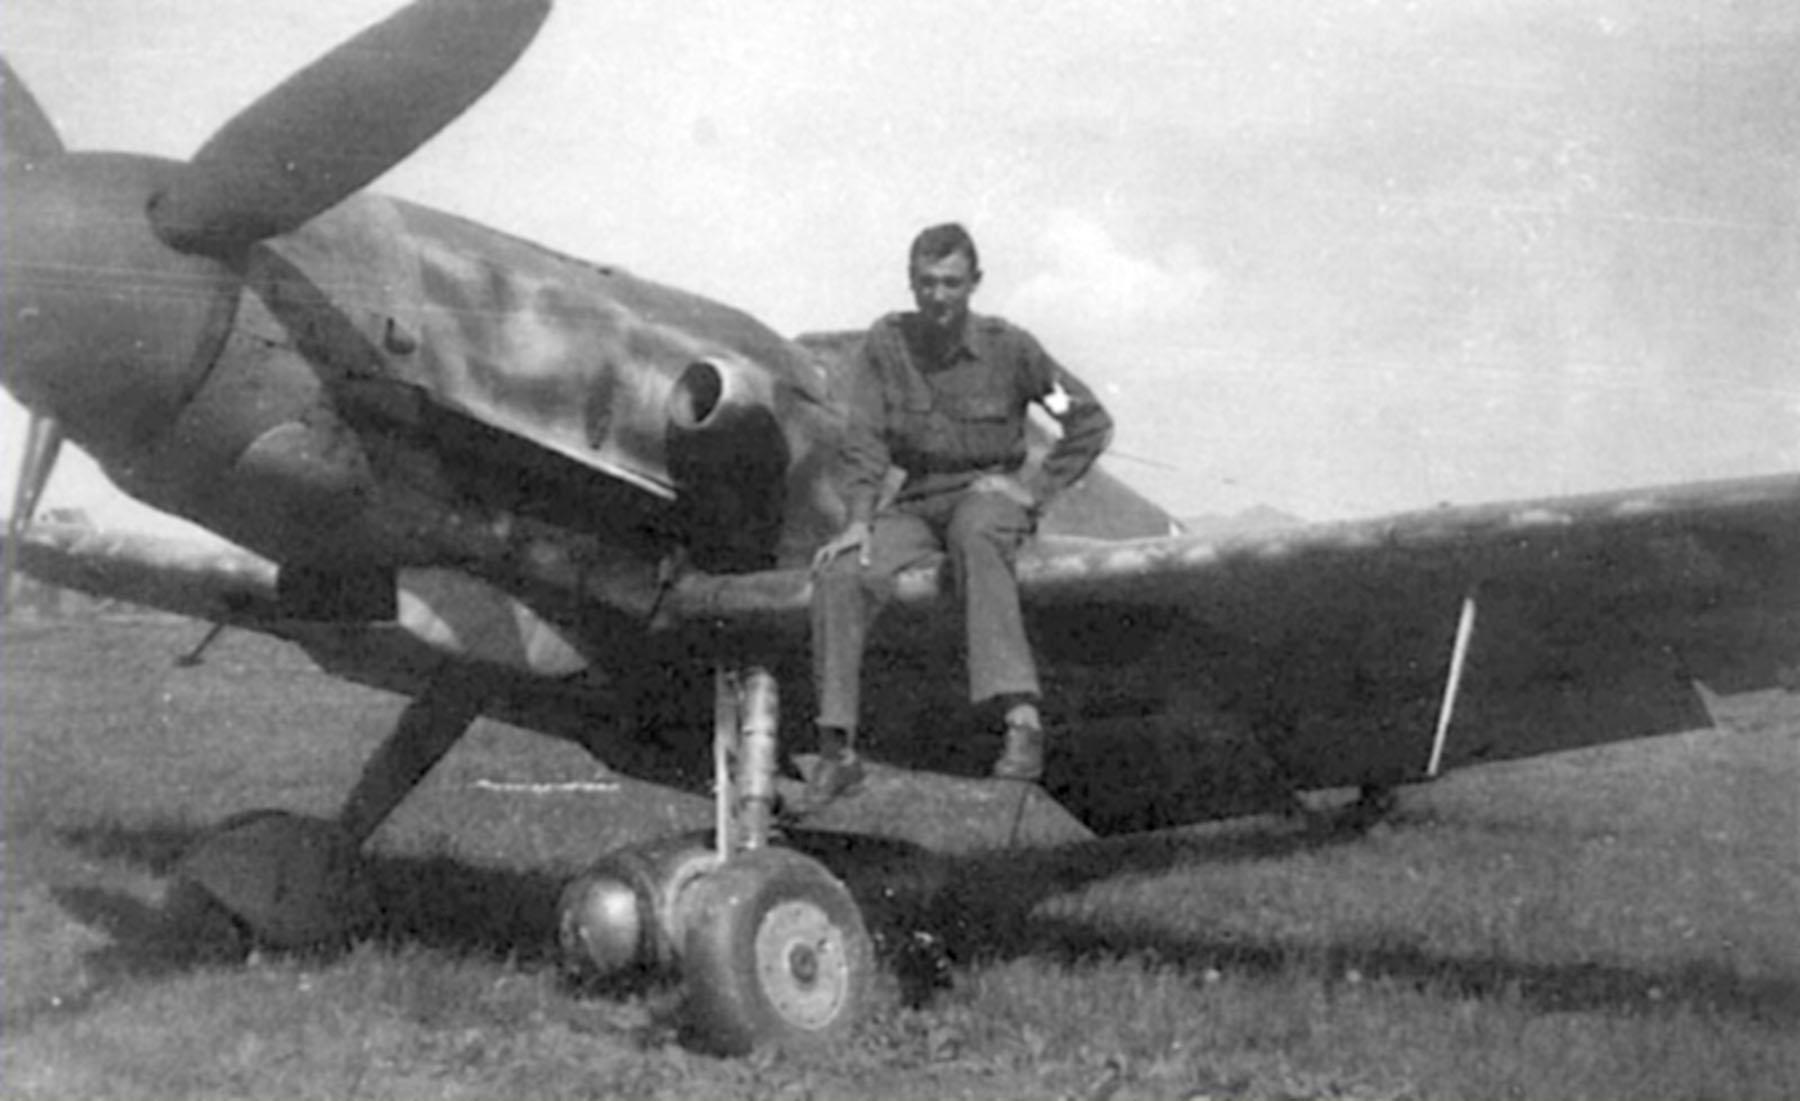 Messerschmitt Bf 109G10R3 Erla Reichsverteidigung unknown unit and pilot 01